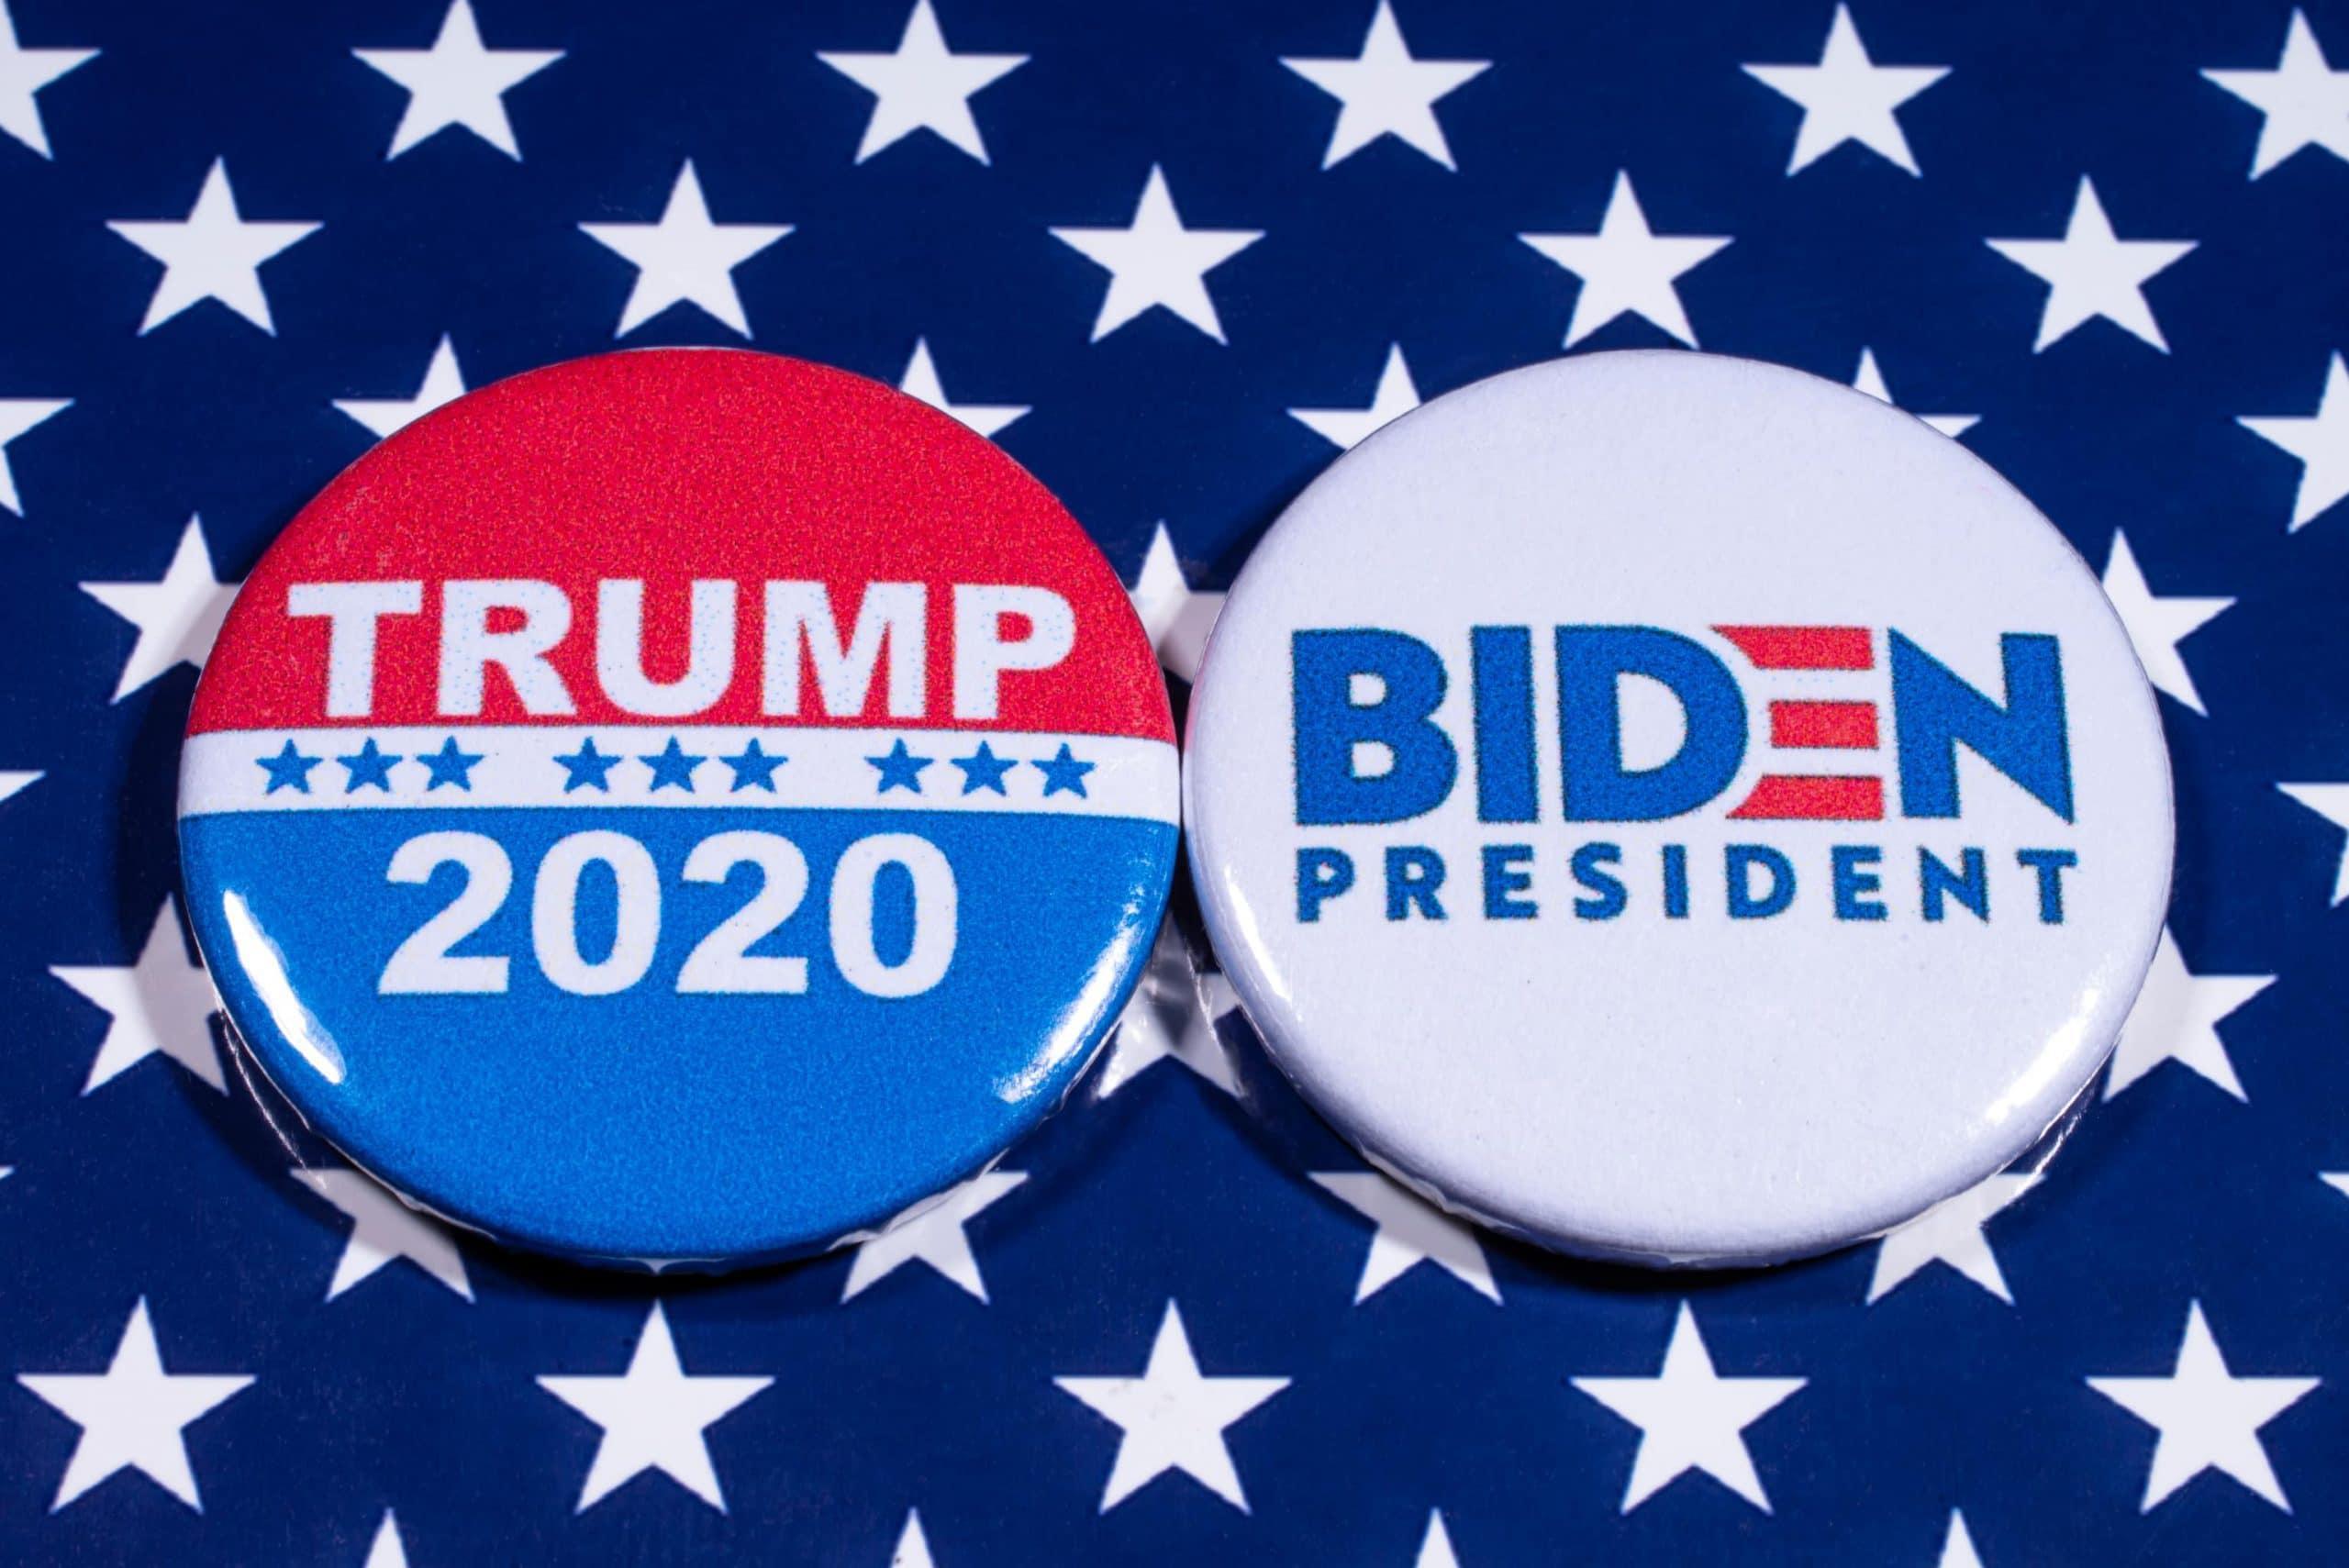 Anhänger von Trump und Biden